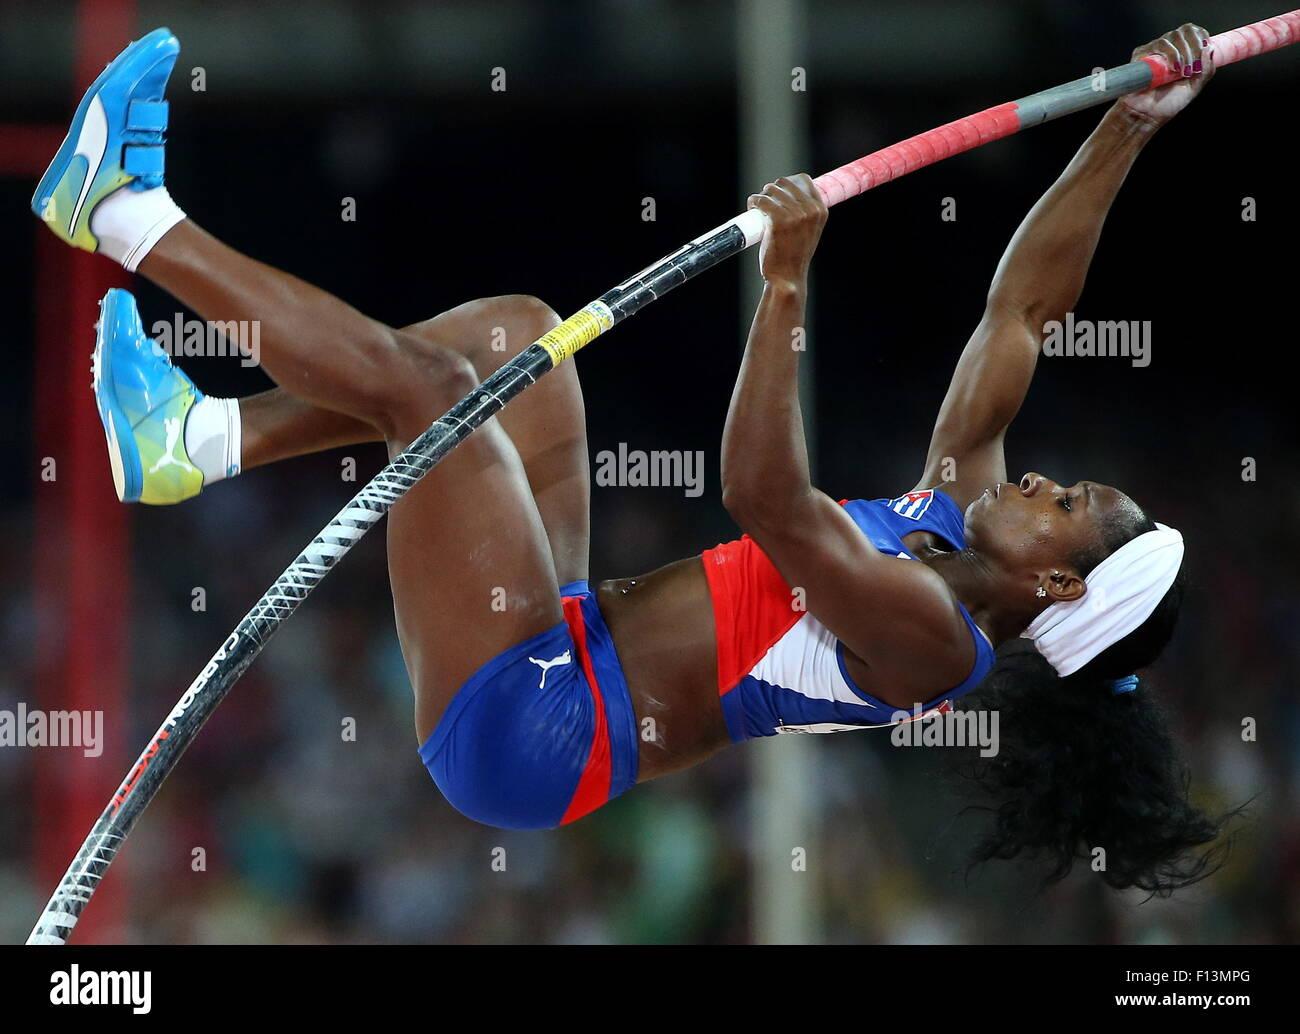 Beijing, Chine. Août 26, 2015. Yarisley Silva de Cuba est en concurrence pour gagner la finale du saut à Photo Stock